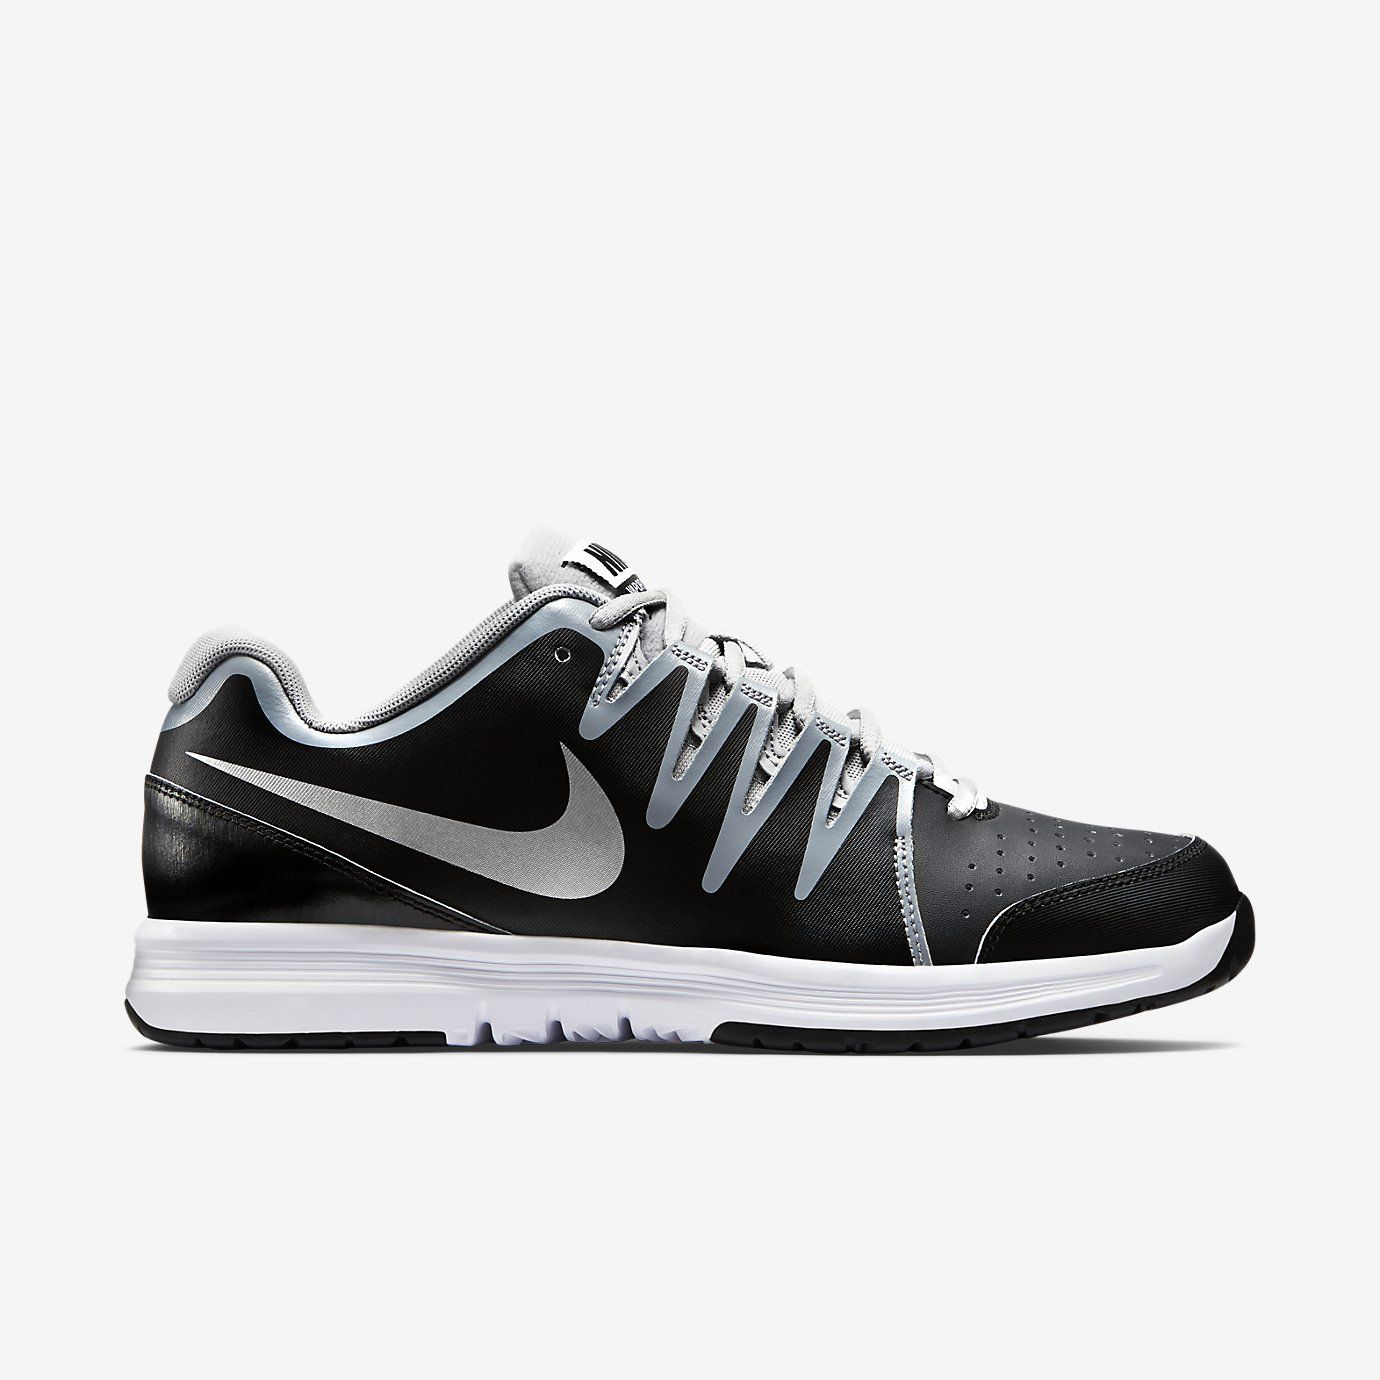 Nike free shoes, Mens tennis shoes, Nike